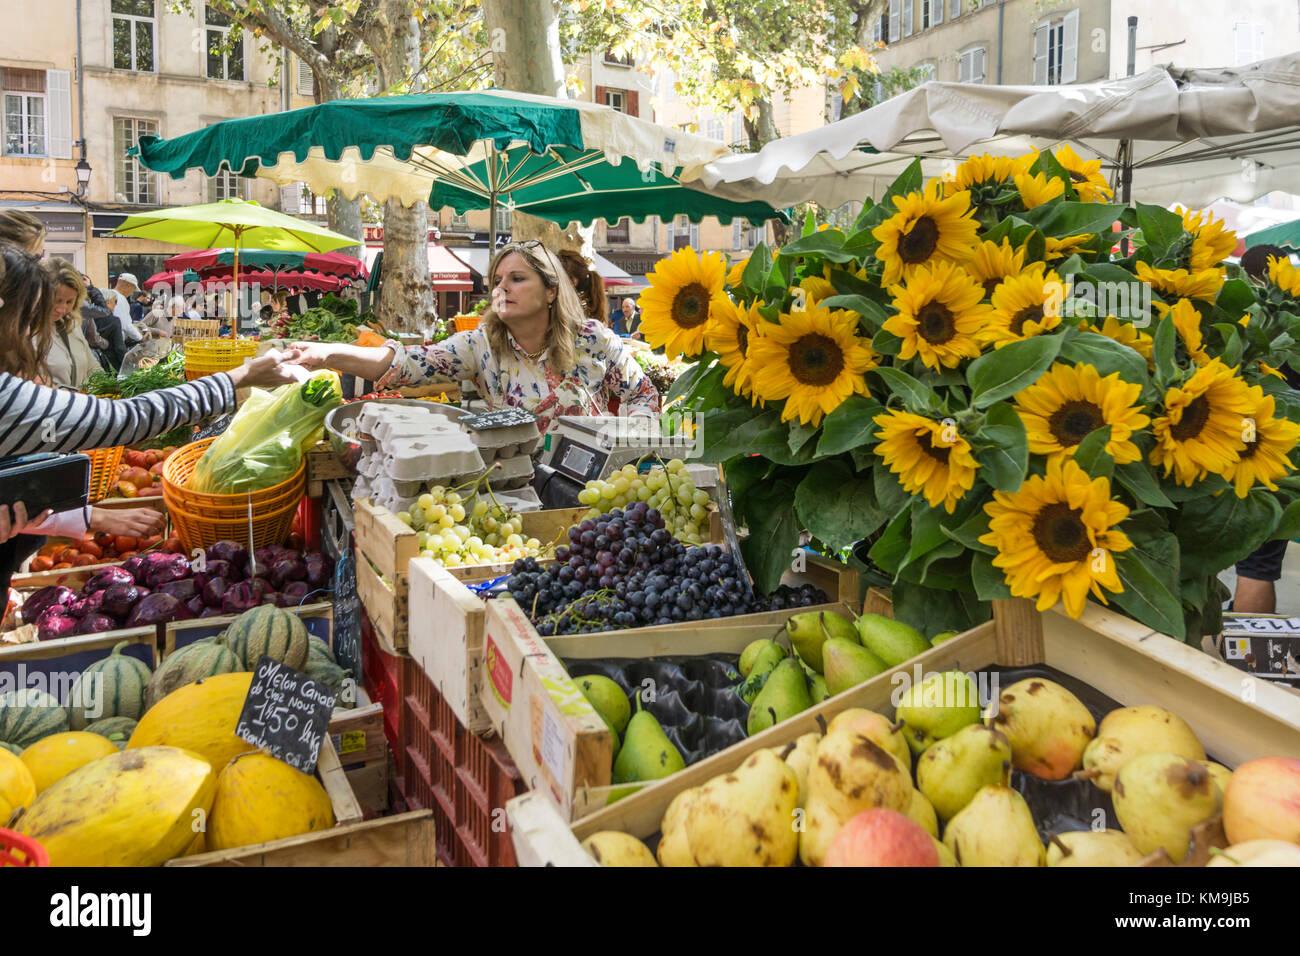 Market Place Richelme, sun flowers,  fruits,  Aix en Provence, Bouche du Rhone, France - Stock Image